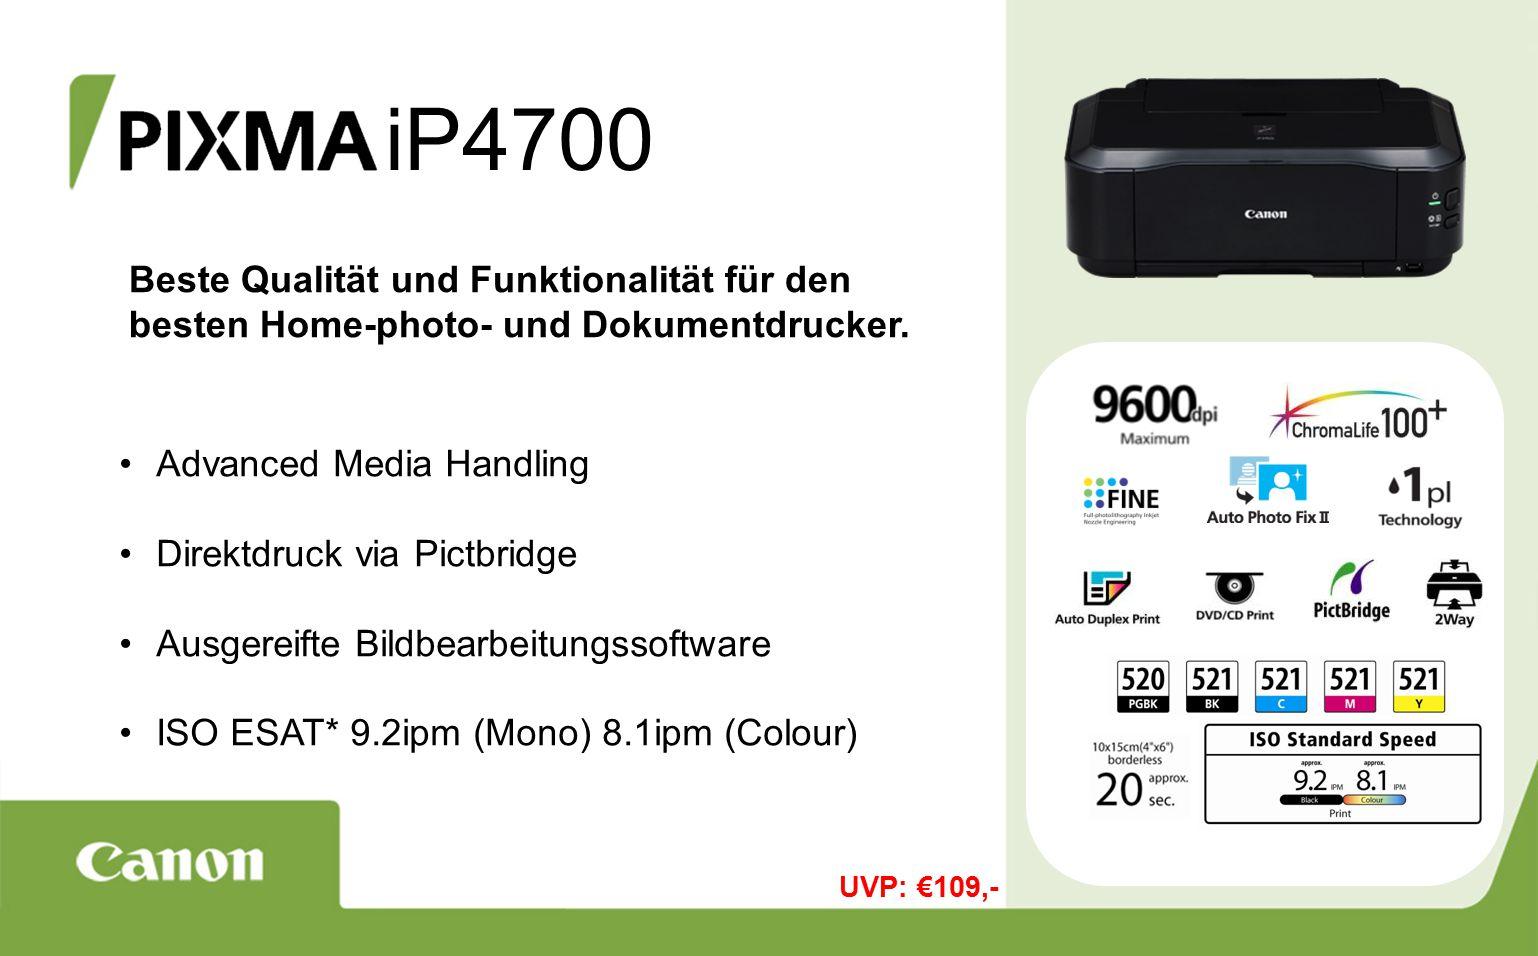 iP4700 Beste Qualität und Funktionalität für den besten Home-photo- und Dokumentdrucker.